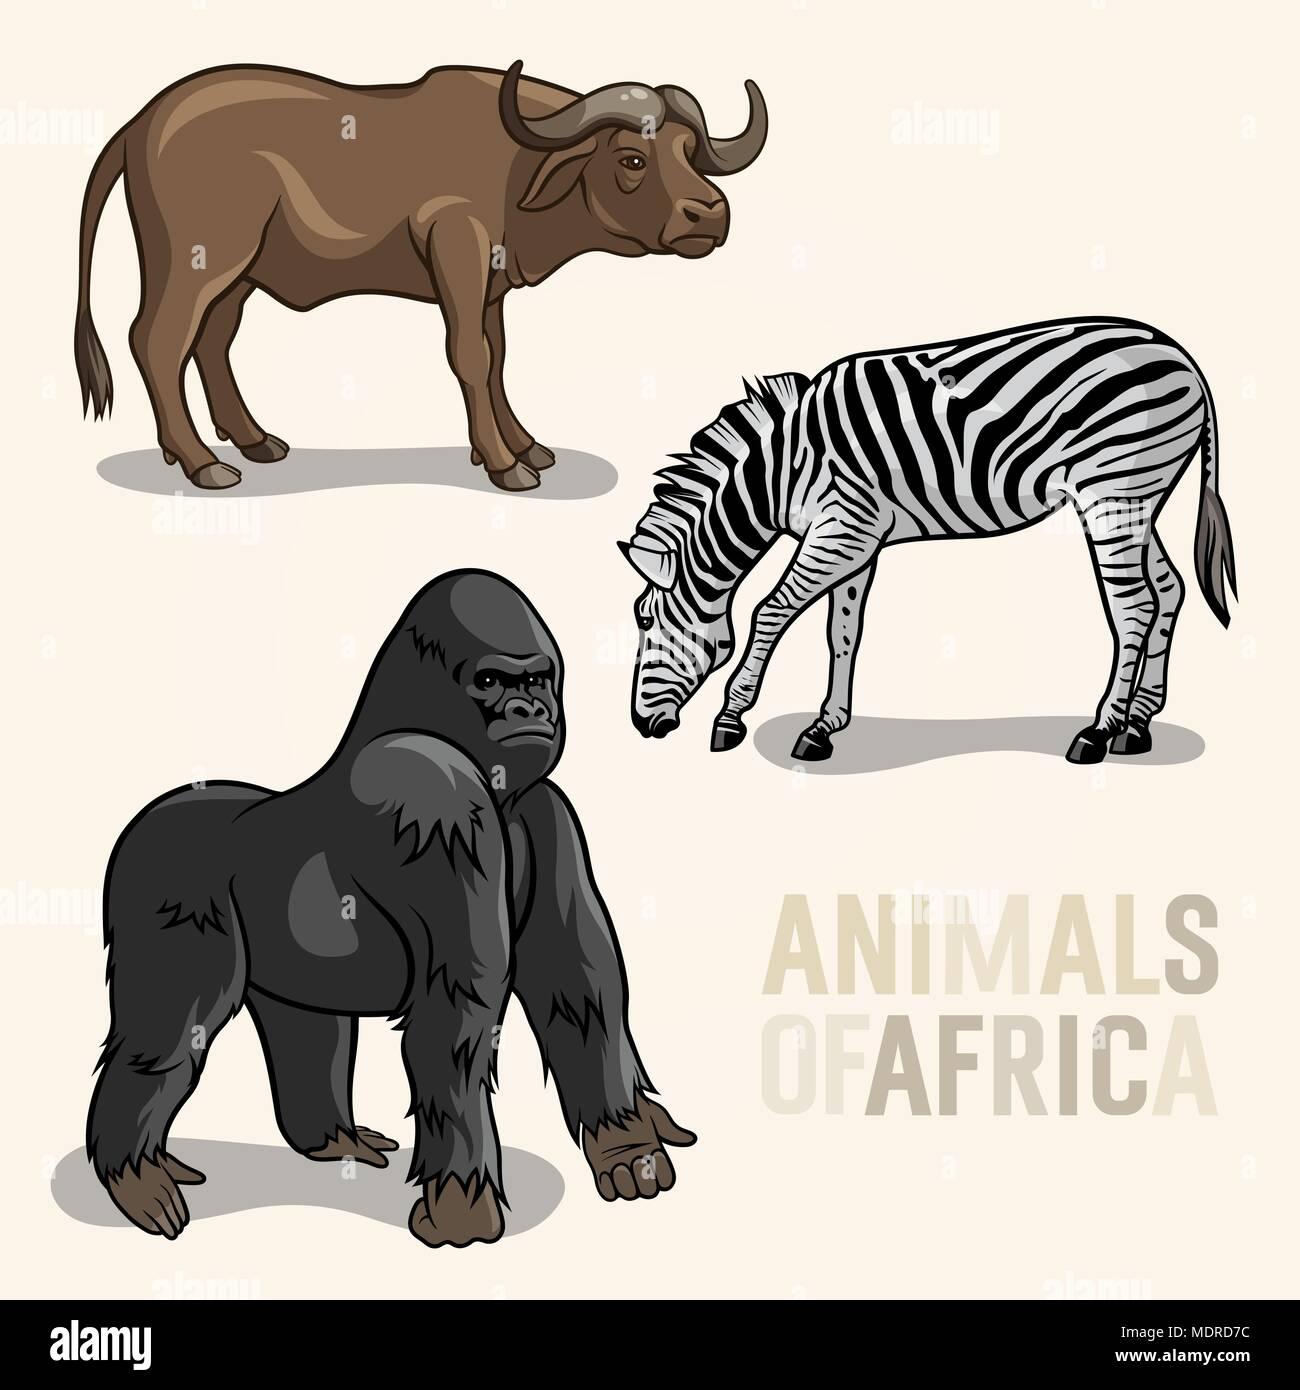 Vektor einrichten der afrikanischen Tiere. Gorilla, Büffel und Zebras Stockbild